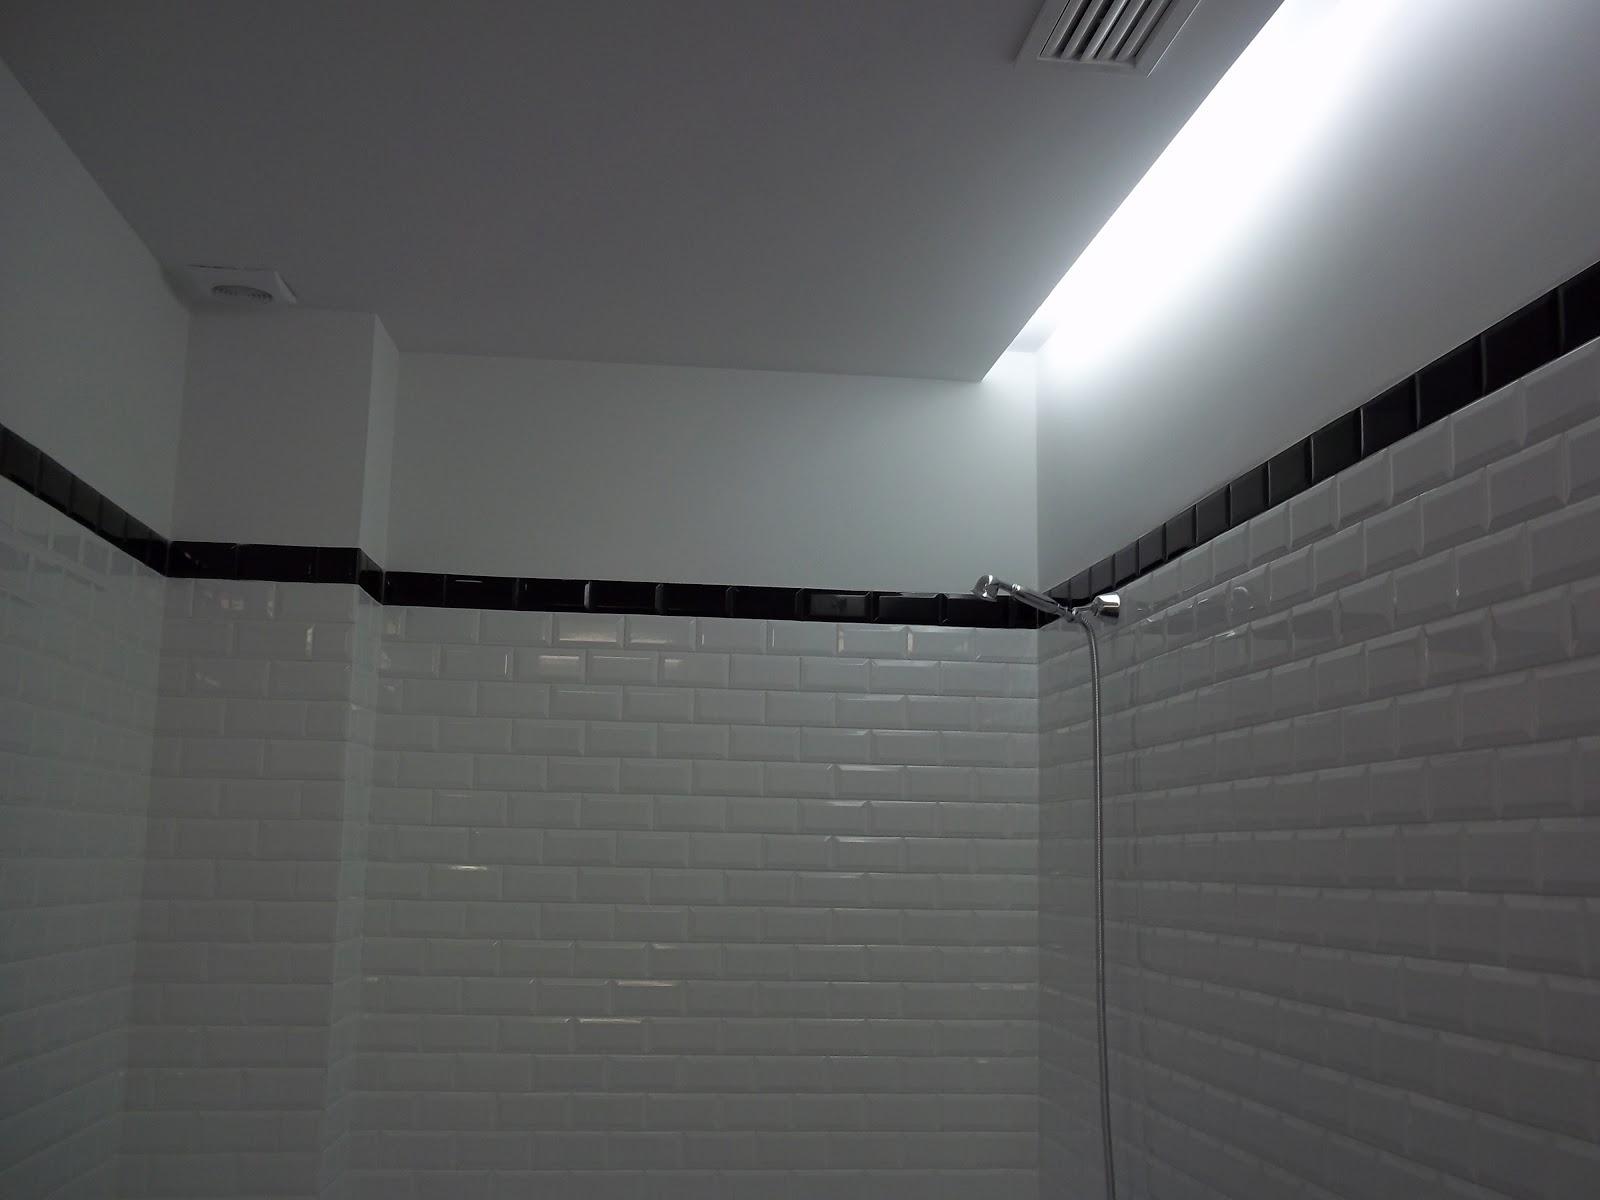 Iluminacion Indirecta Baños: – construcciones y reformas: iluminación indirecta – foseados